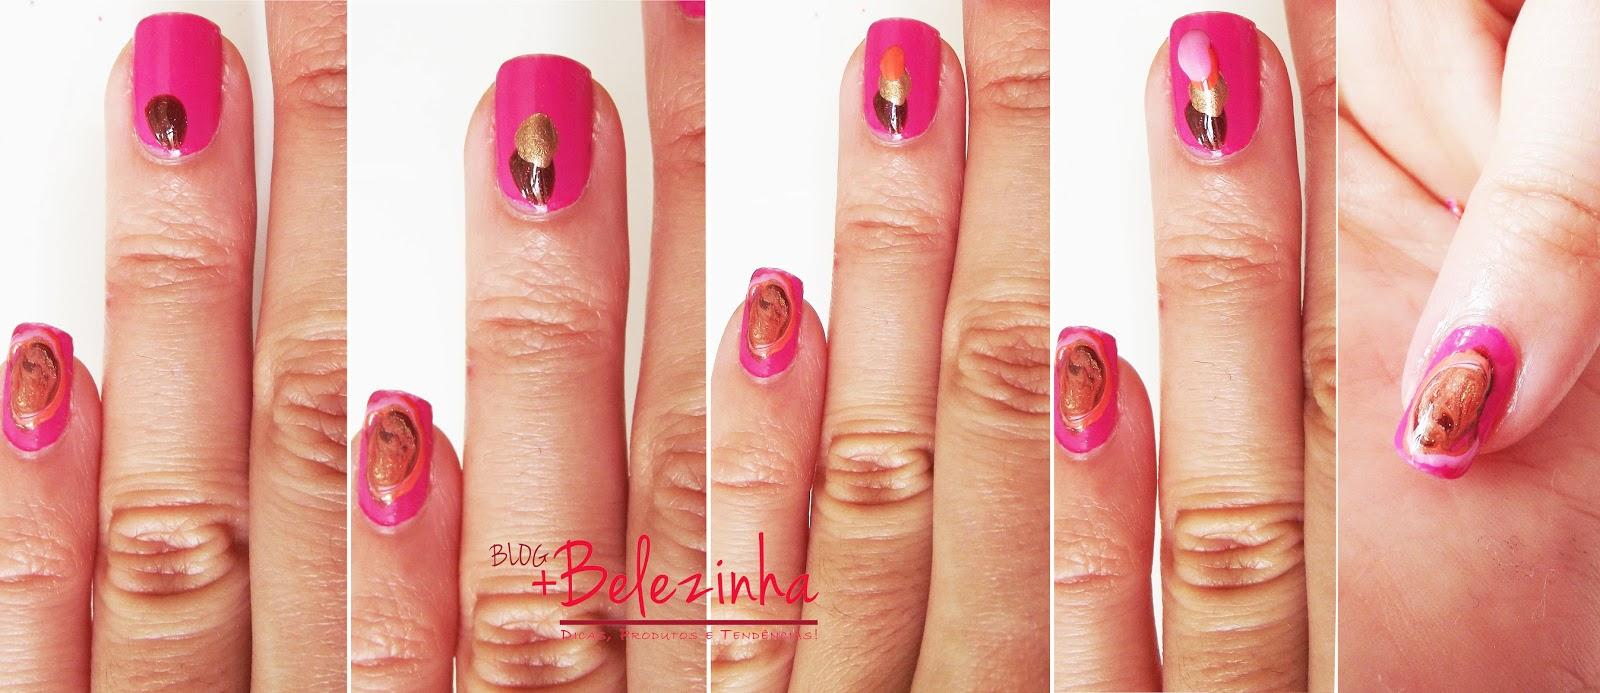 unhas-efeito-mesclado-nail-art-blog-mais-belezinha